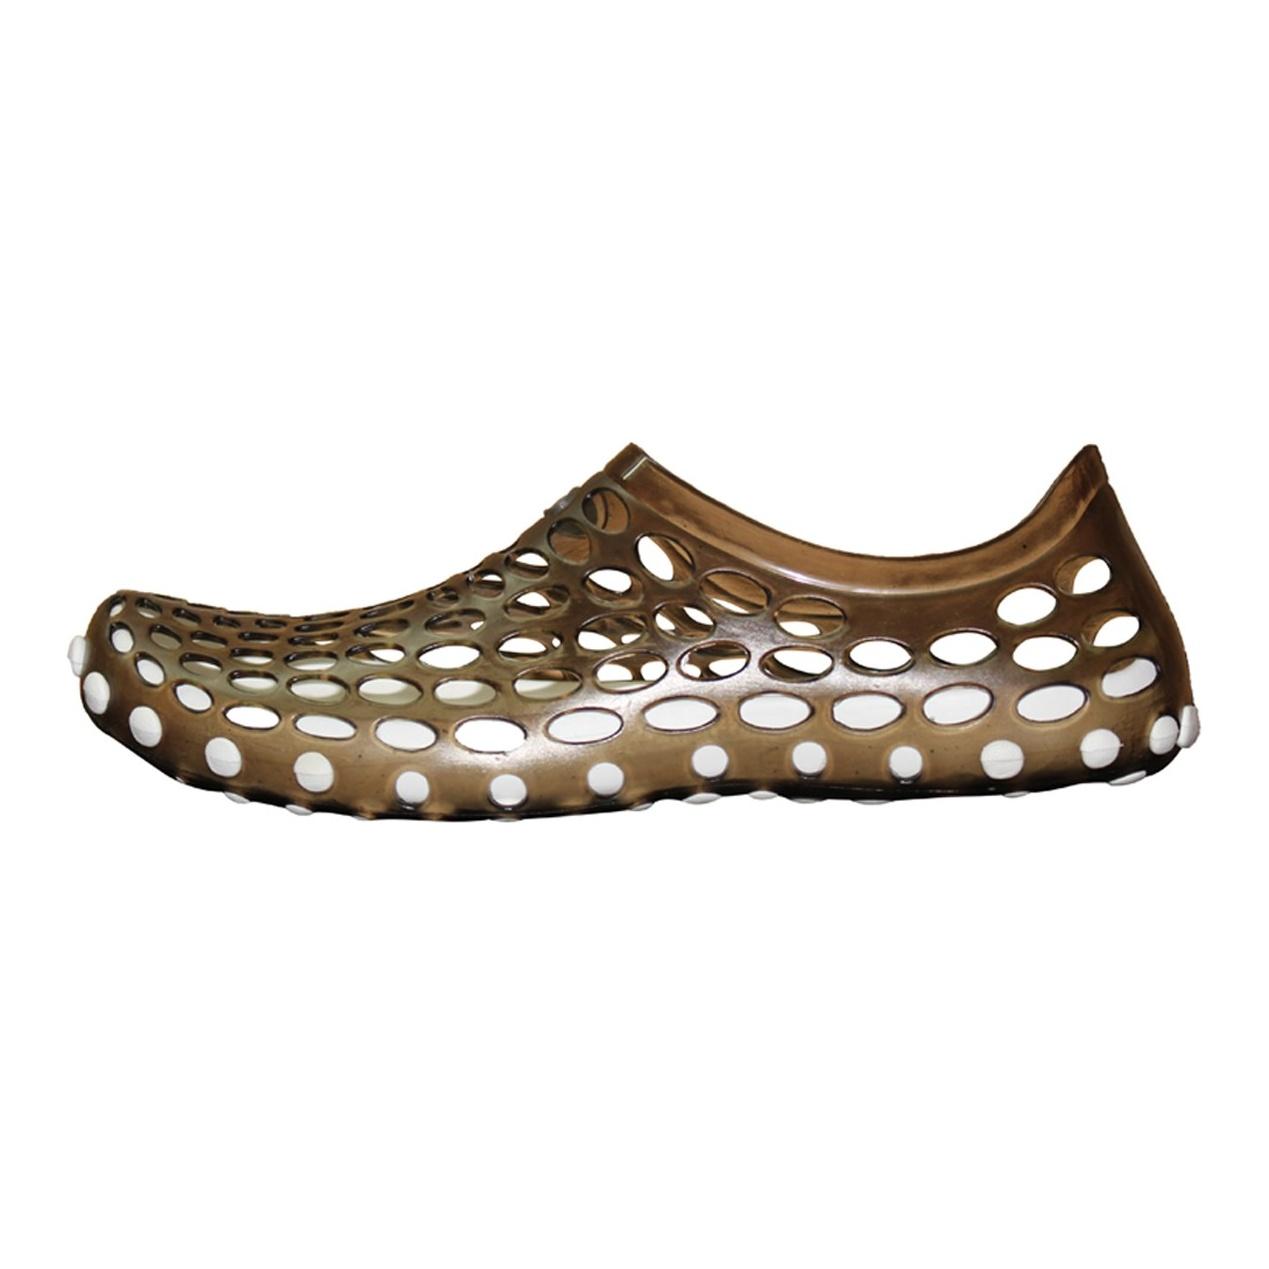 کفش  ساحلی  پاپا مدل  میلان   1006